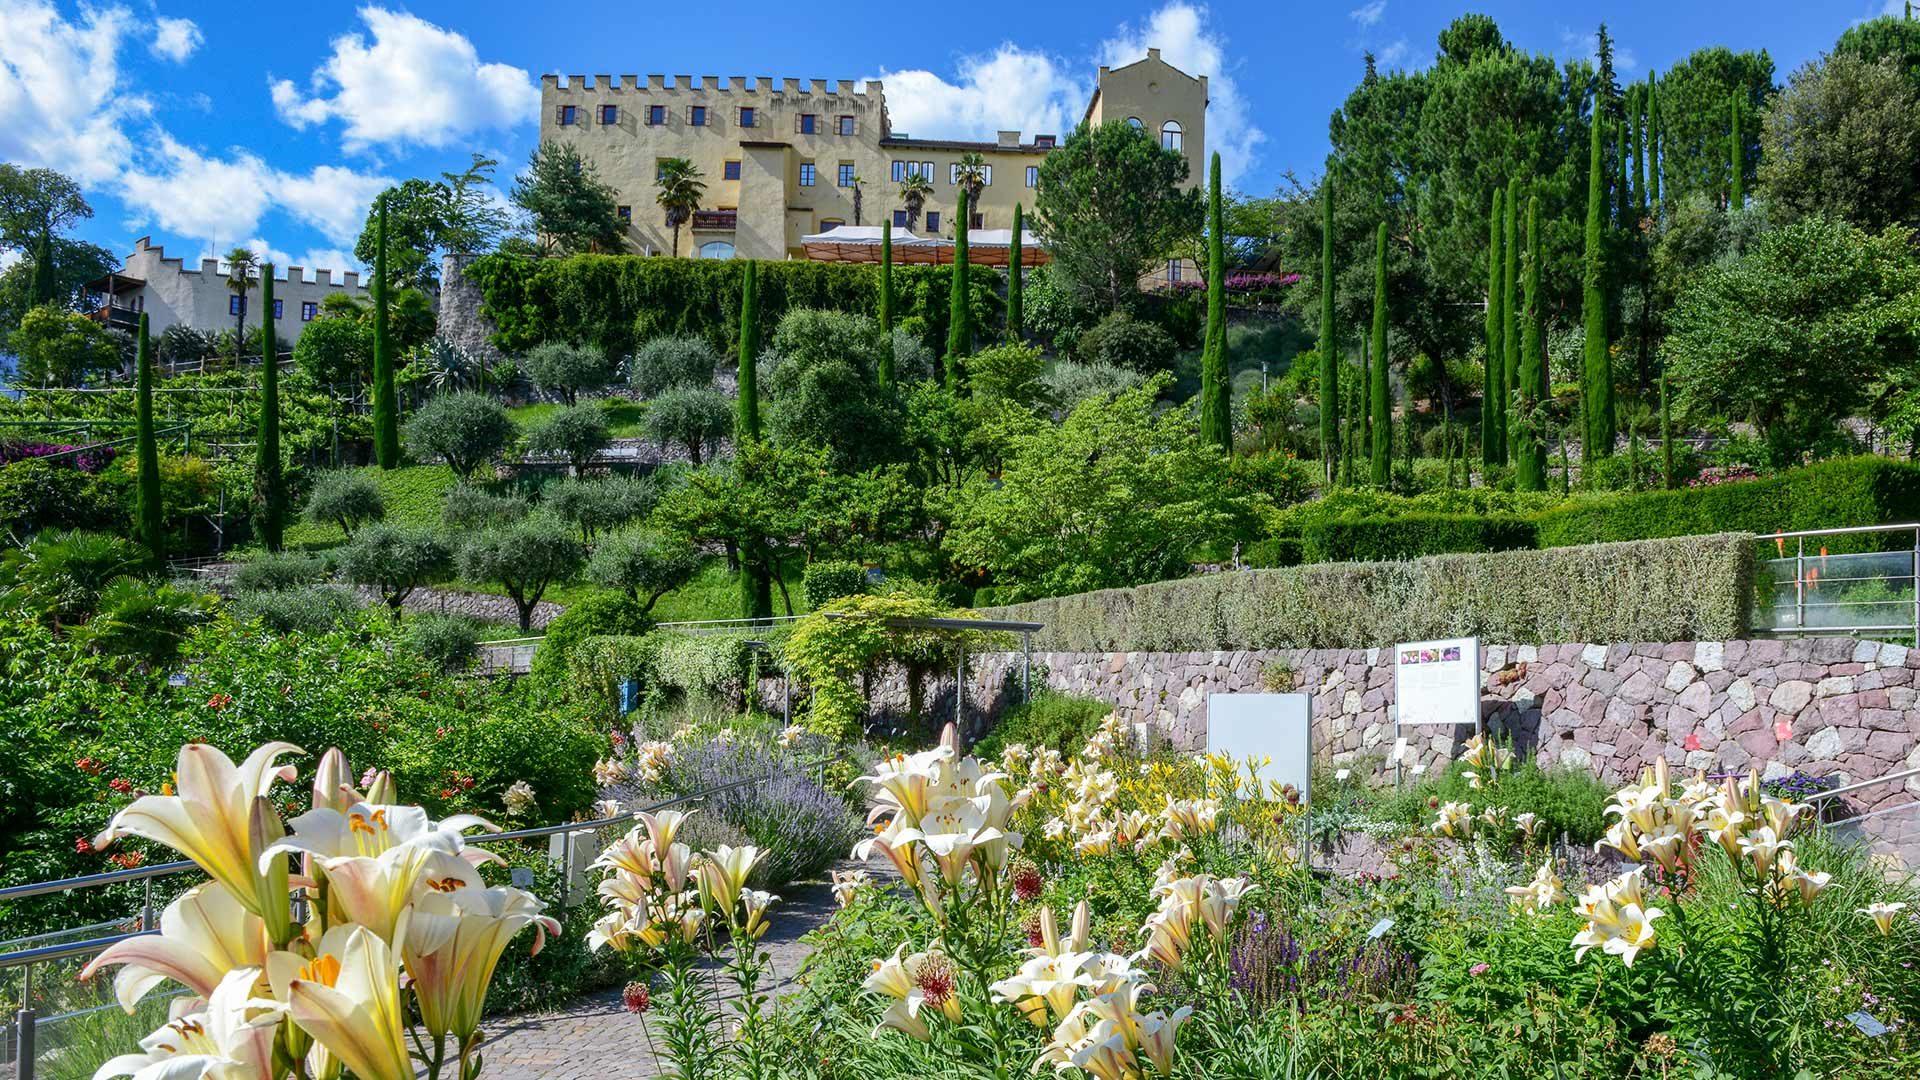 Gärten von Schloss Trauttmansdorff im Frühjahr